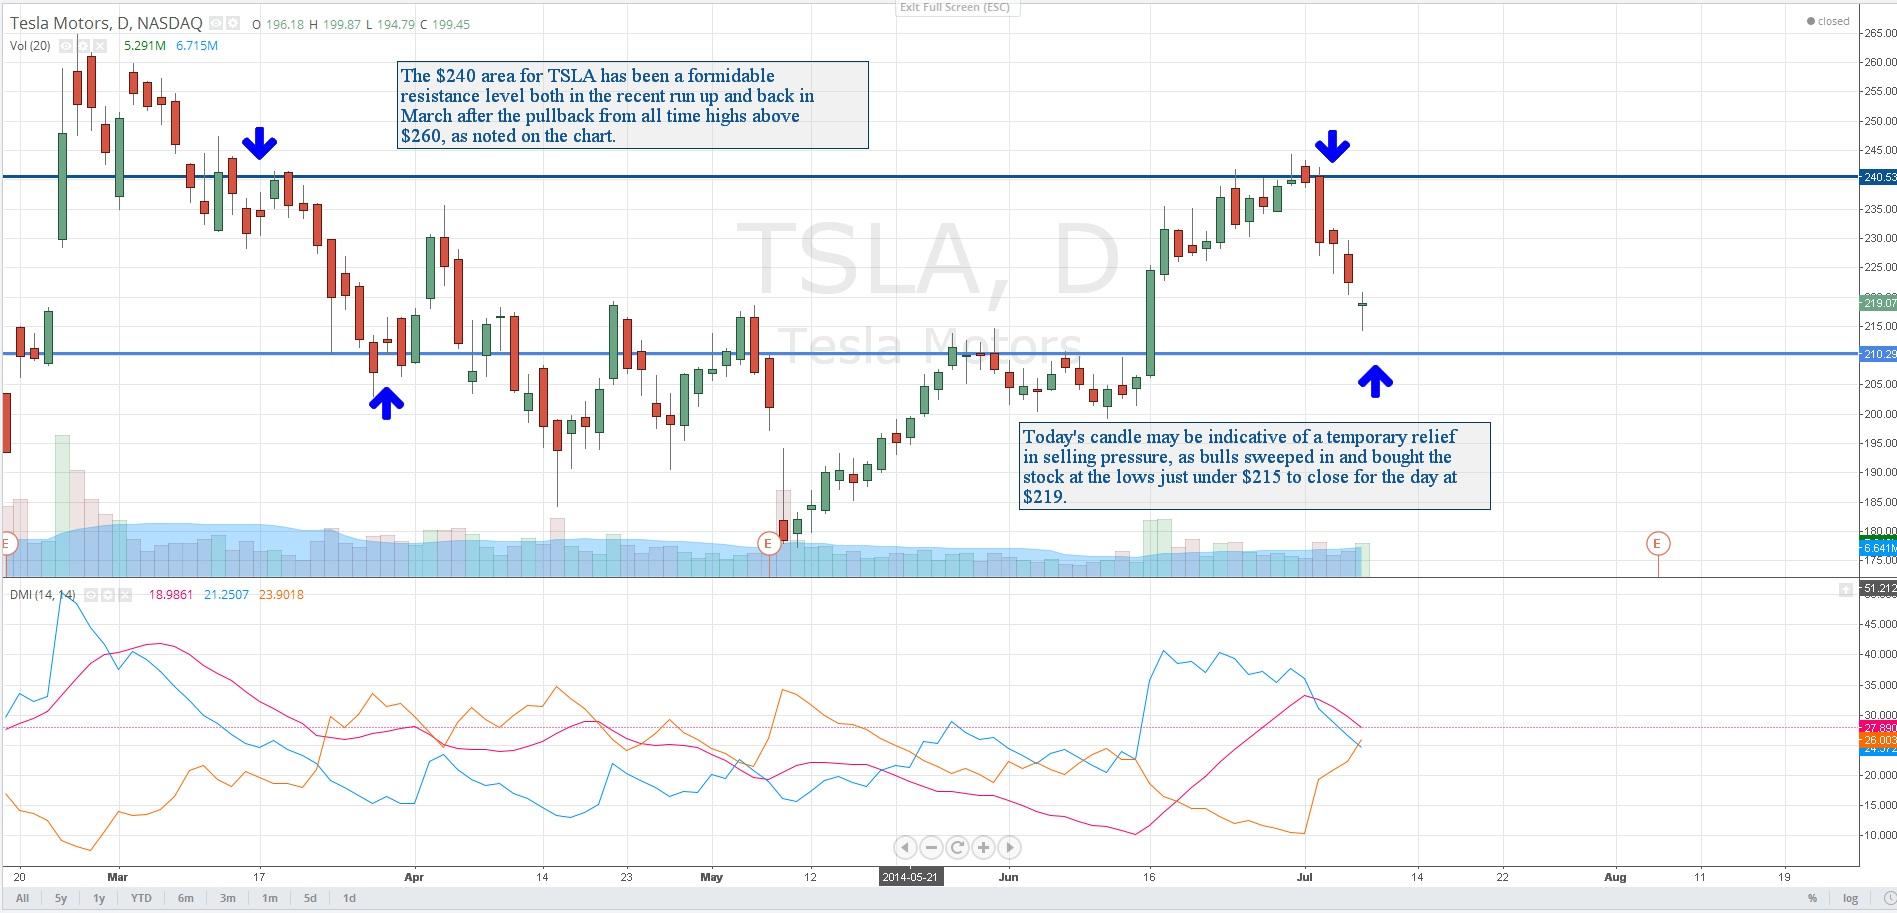 $TSLA : Tesla Motors Inc.